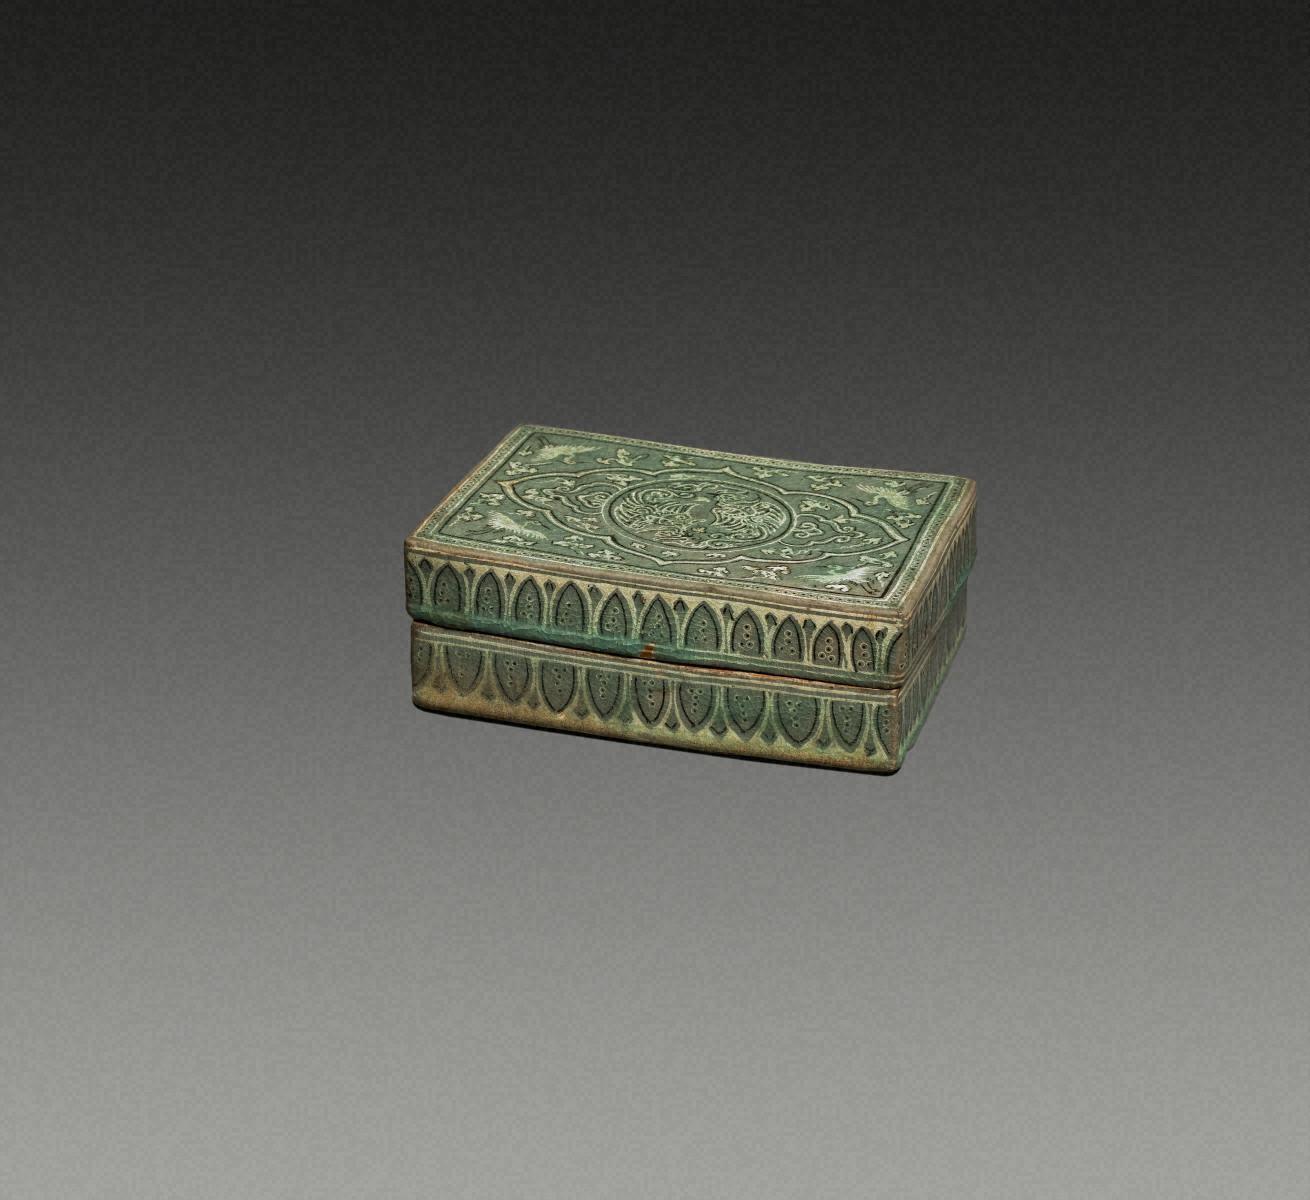 青瓷象嵌  鳳凰紋  方盒